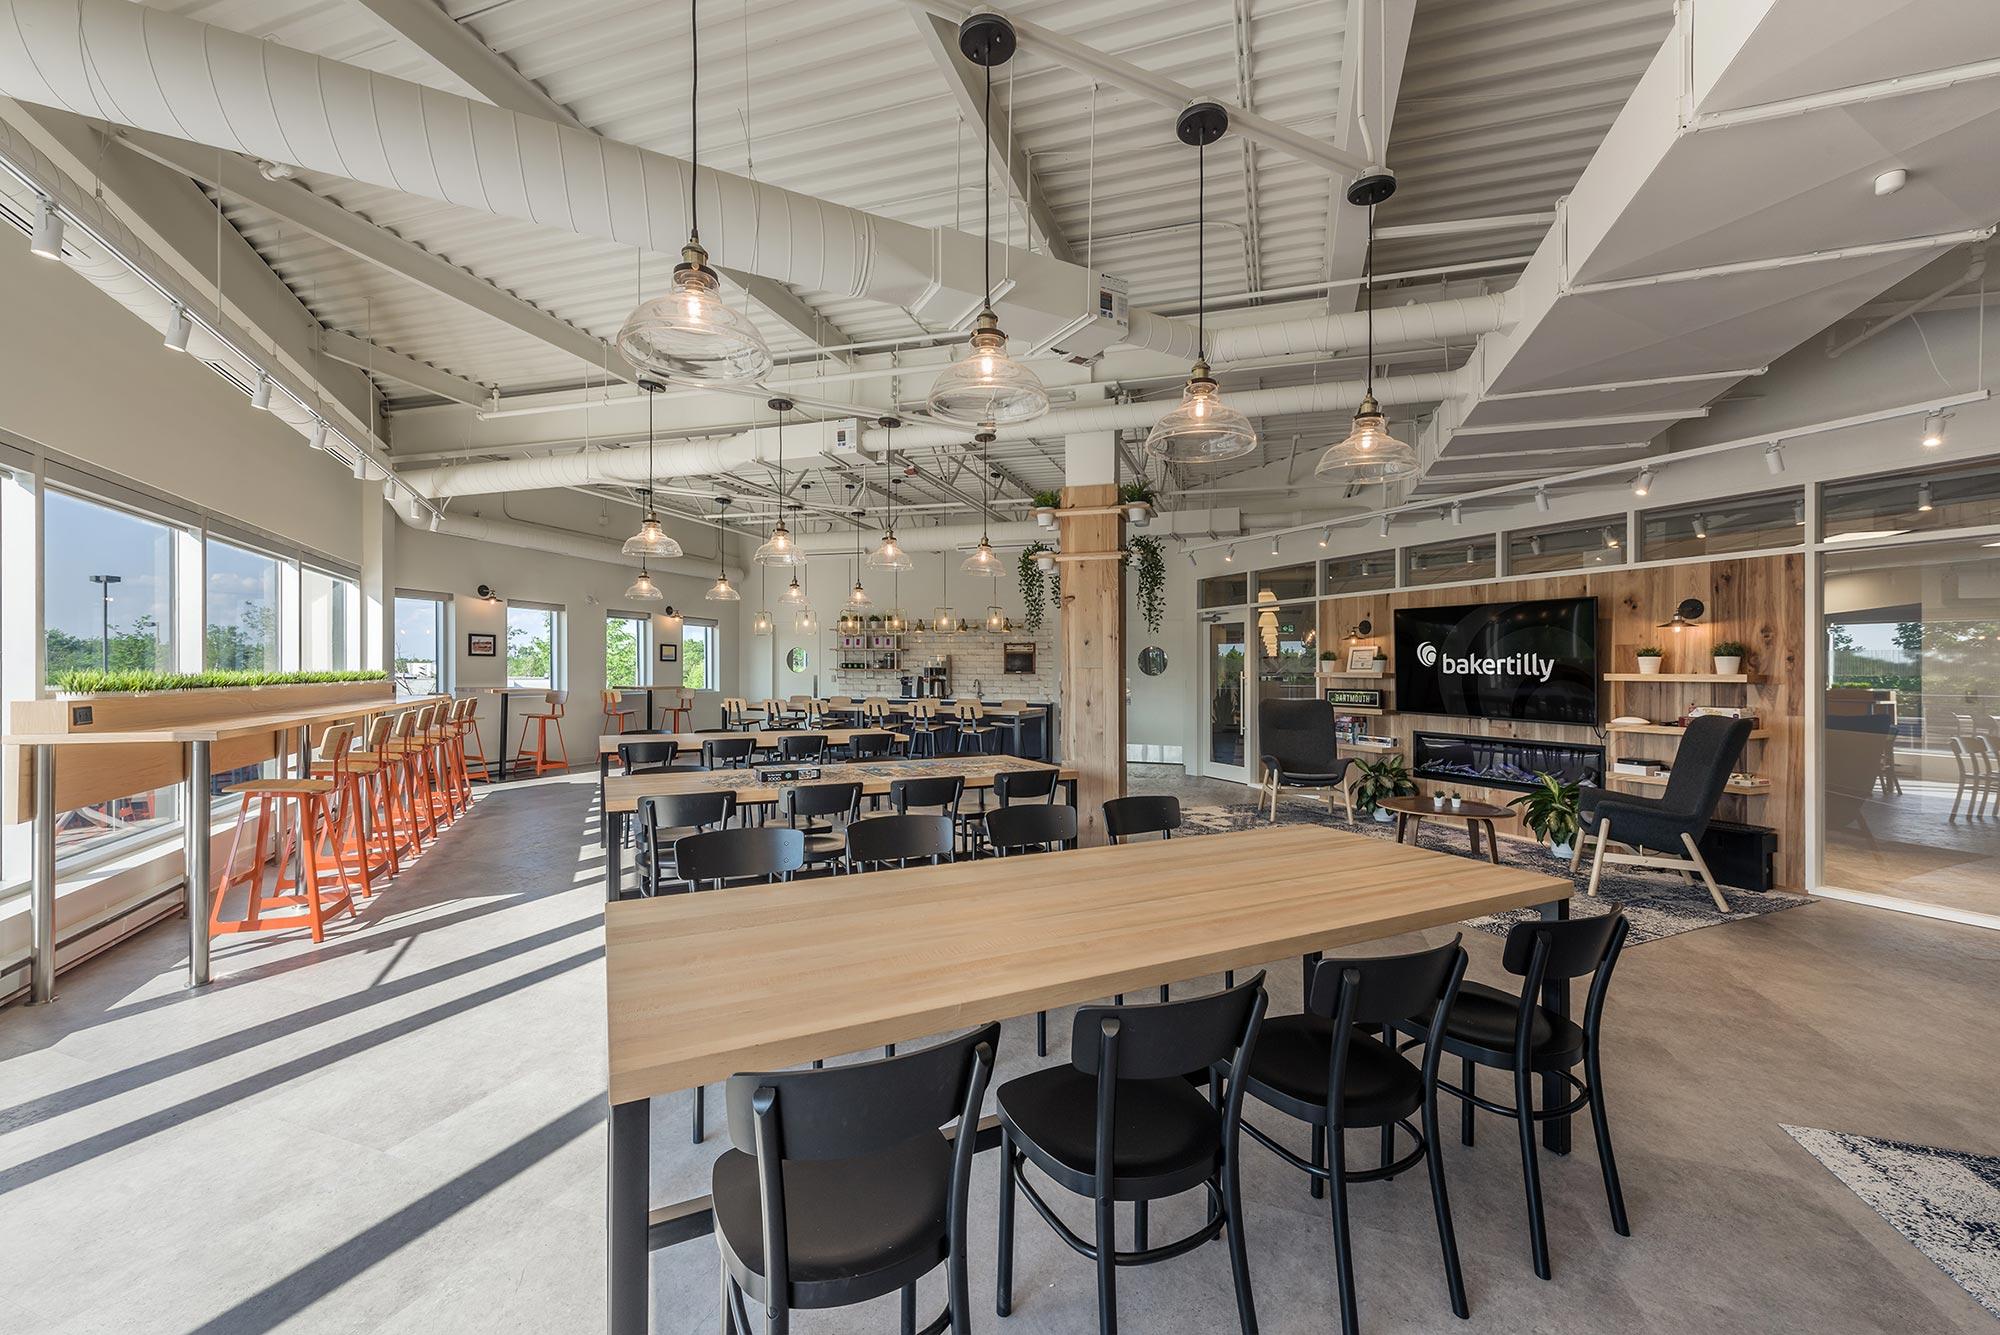 halifax-interior-design-financial-office-kitchen-seating.jpg